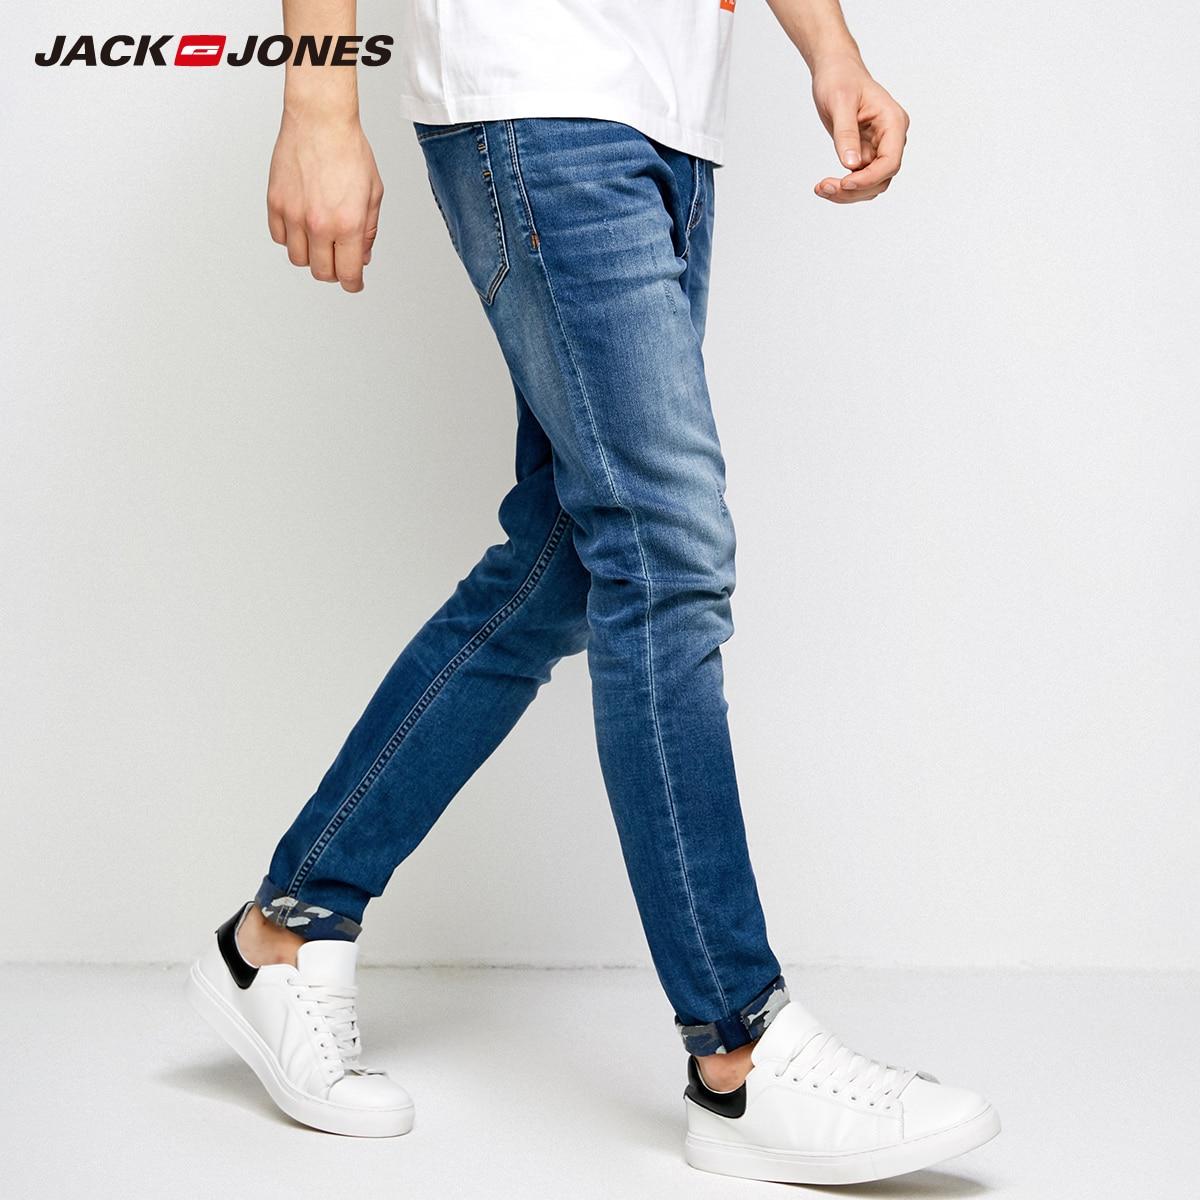 JackJones Men's Winter Rips Casual   Jeans   Casual Fashion Classical Denim   Jeans   Menswear Slim Male   Jeans   J|218332577